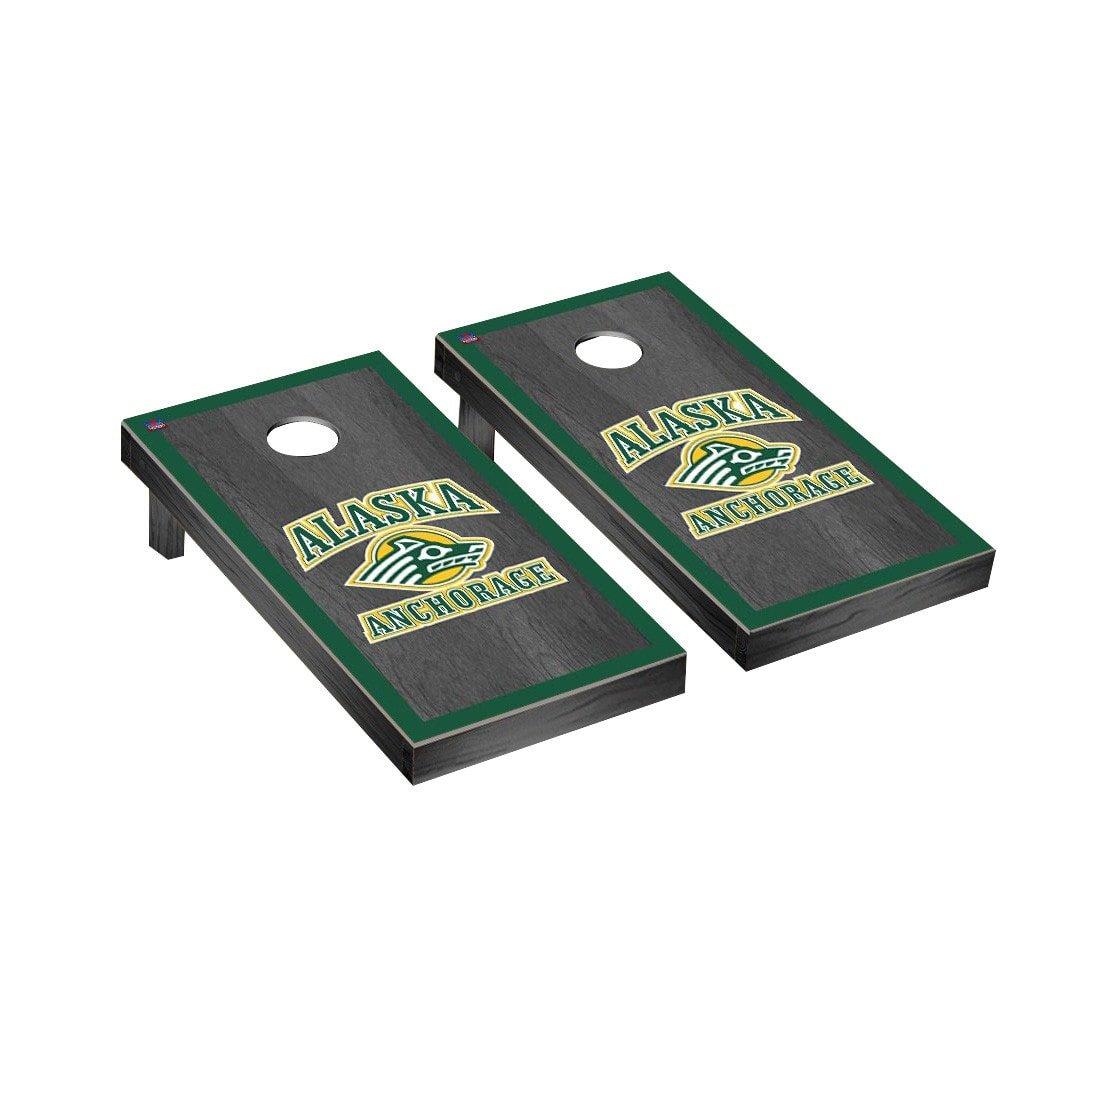 アラスカAnchorge Seawolves Cornhole Game Set Cornhole Seawolves B018UKH5JK Set マルチカラー, 戸畑区:621d87e9 --- dqfansurvey.online